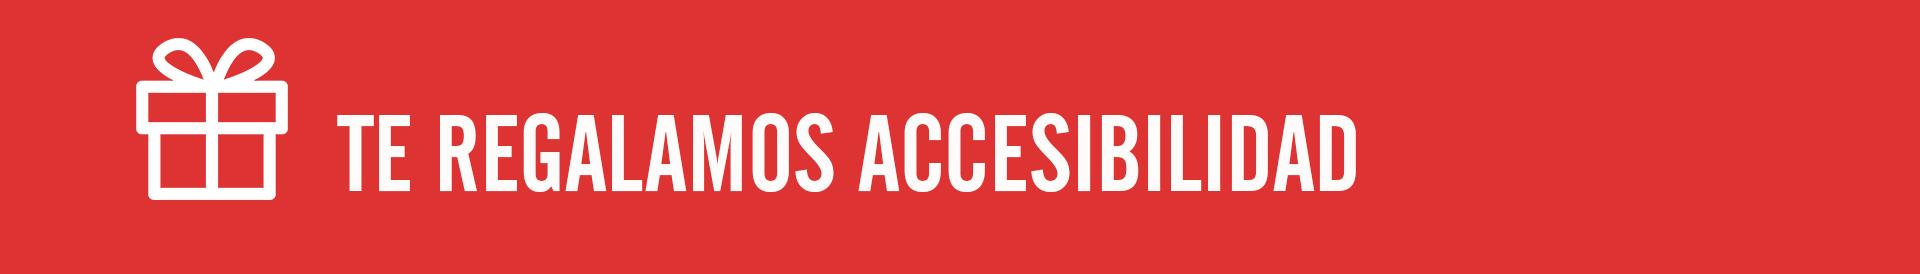 campaña regalamos accesibilidad